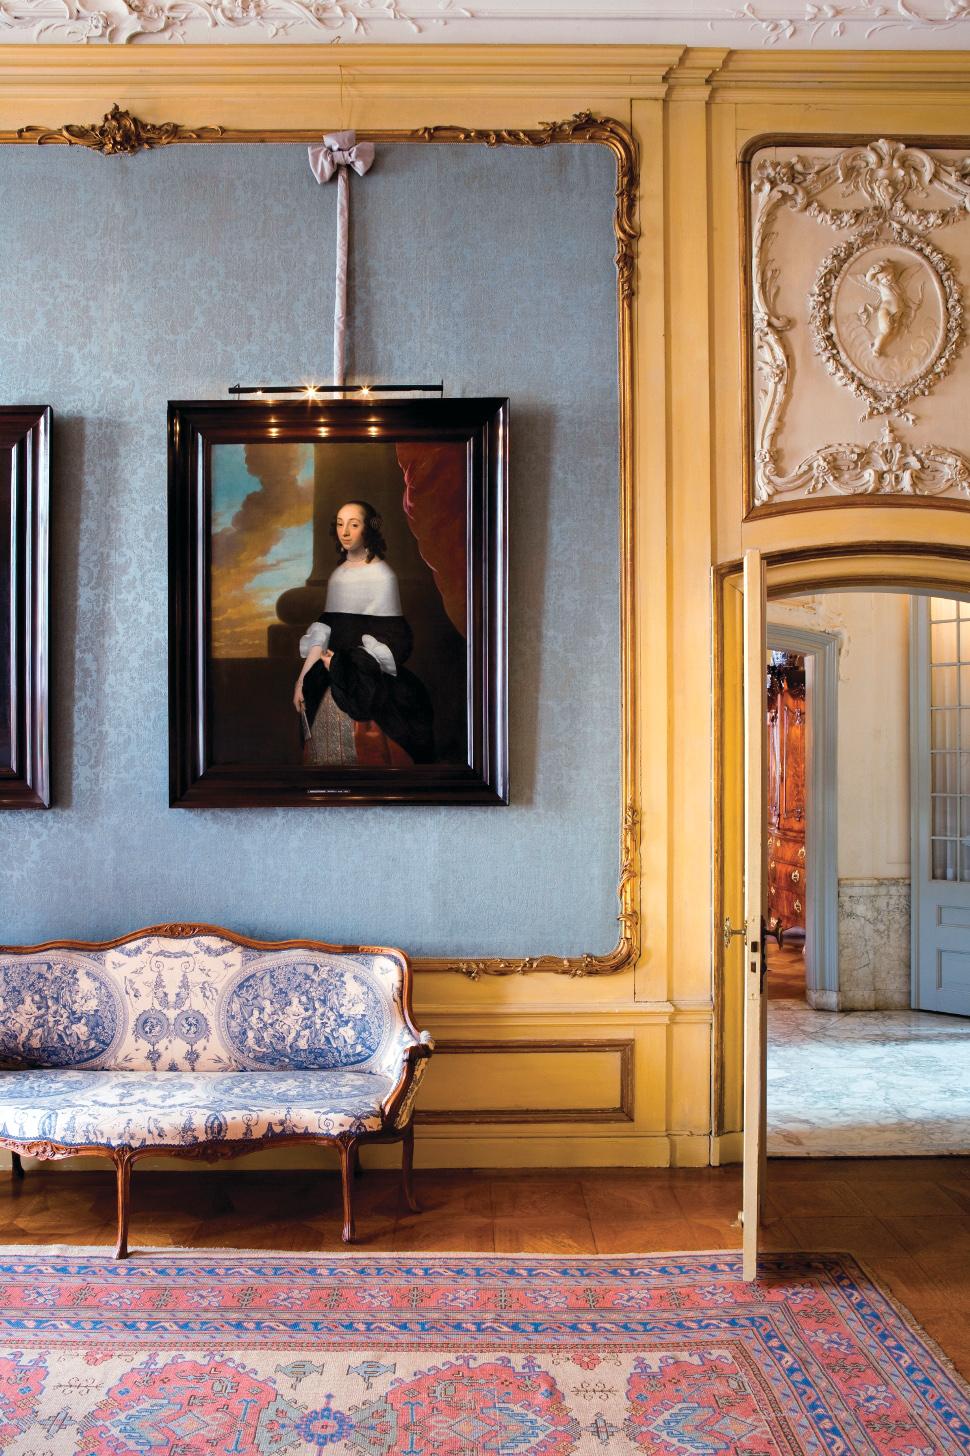 foto: Museum Van Loon - De blauwe salon